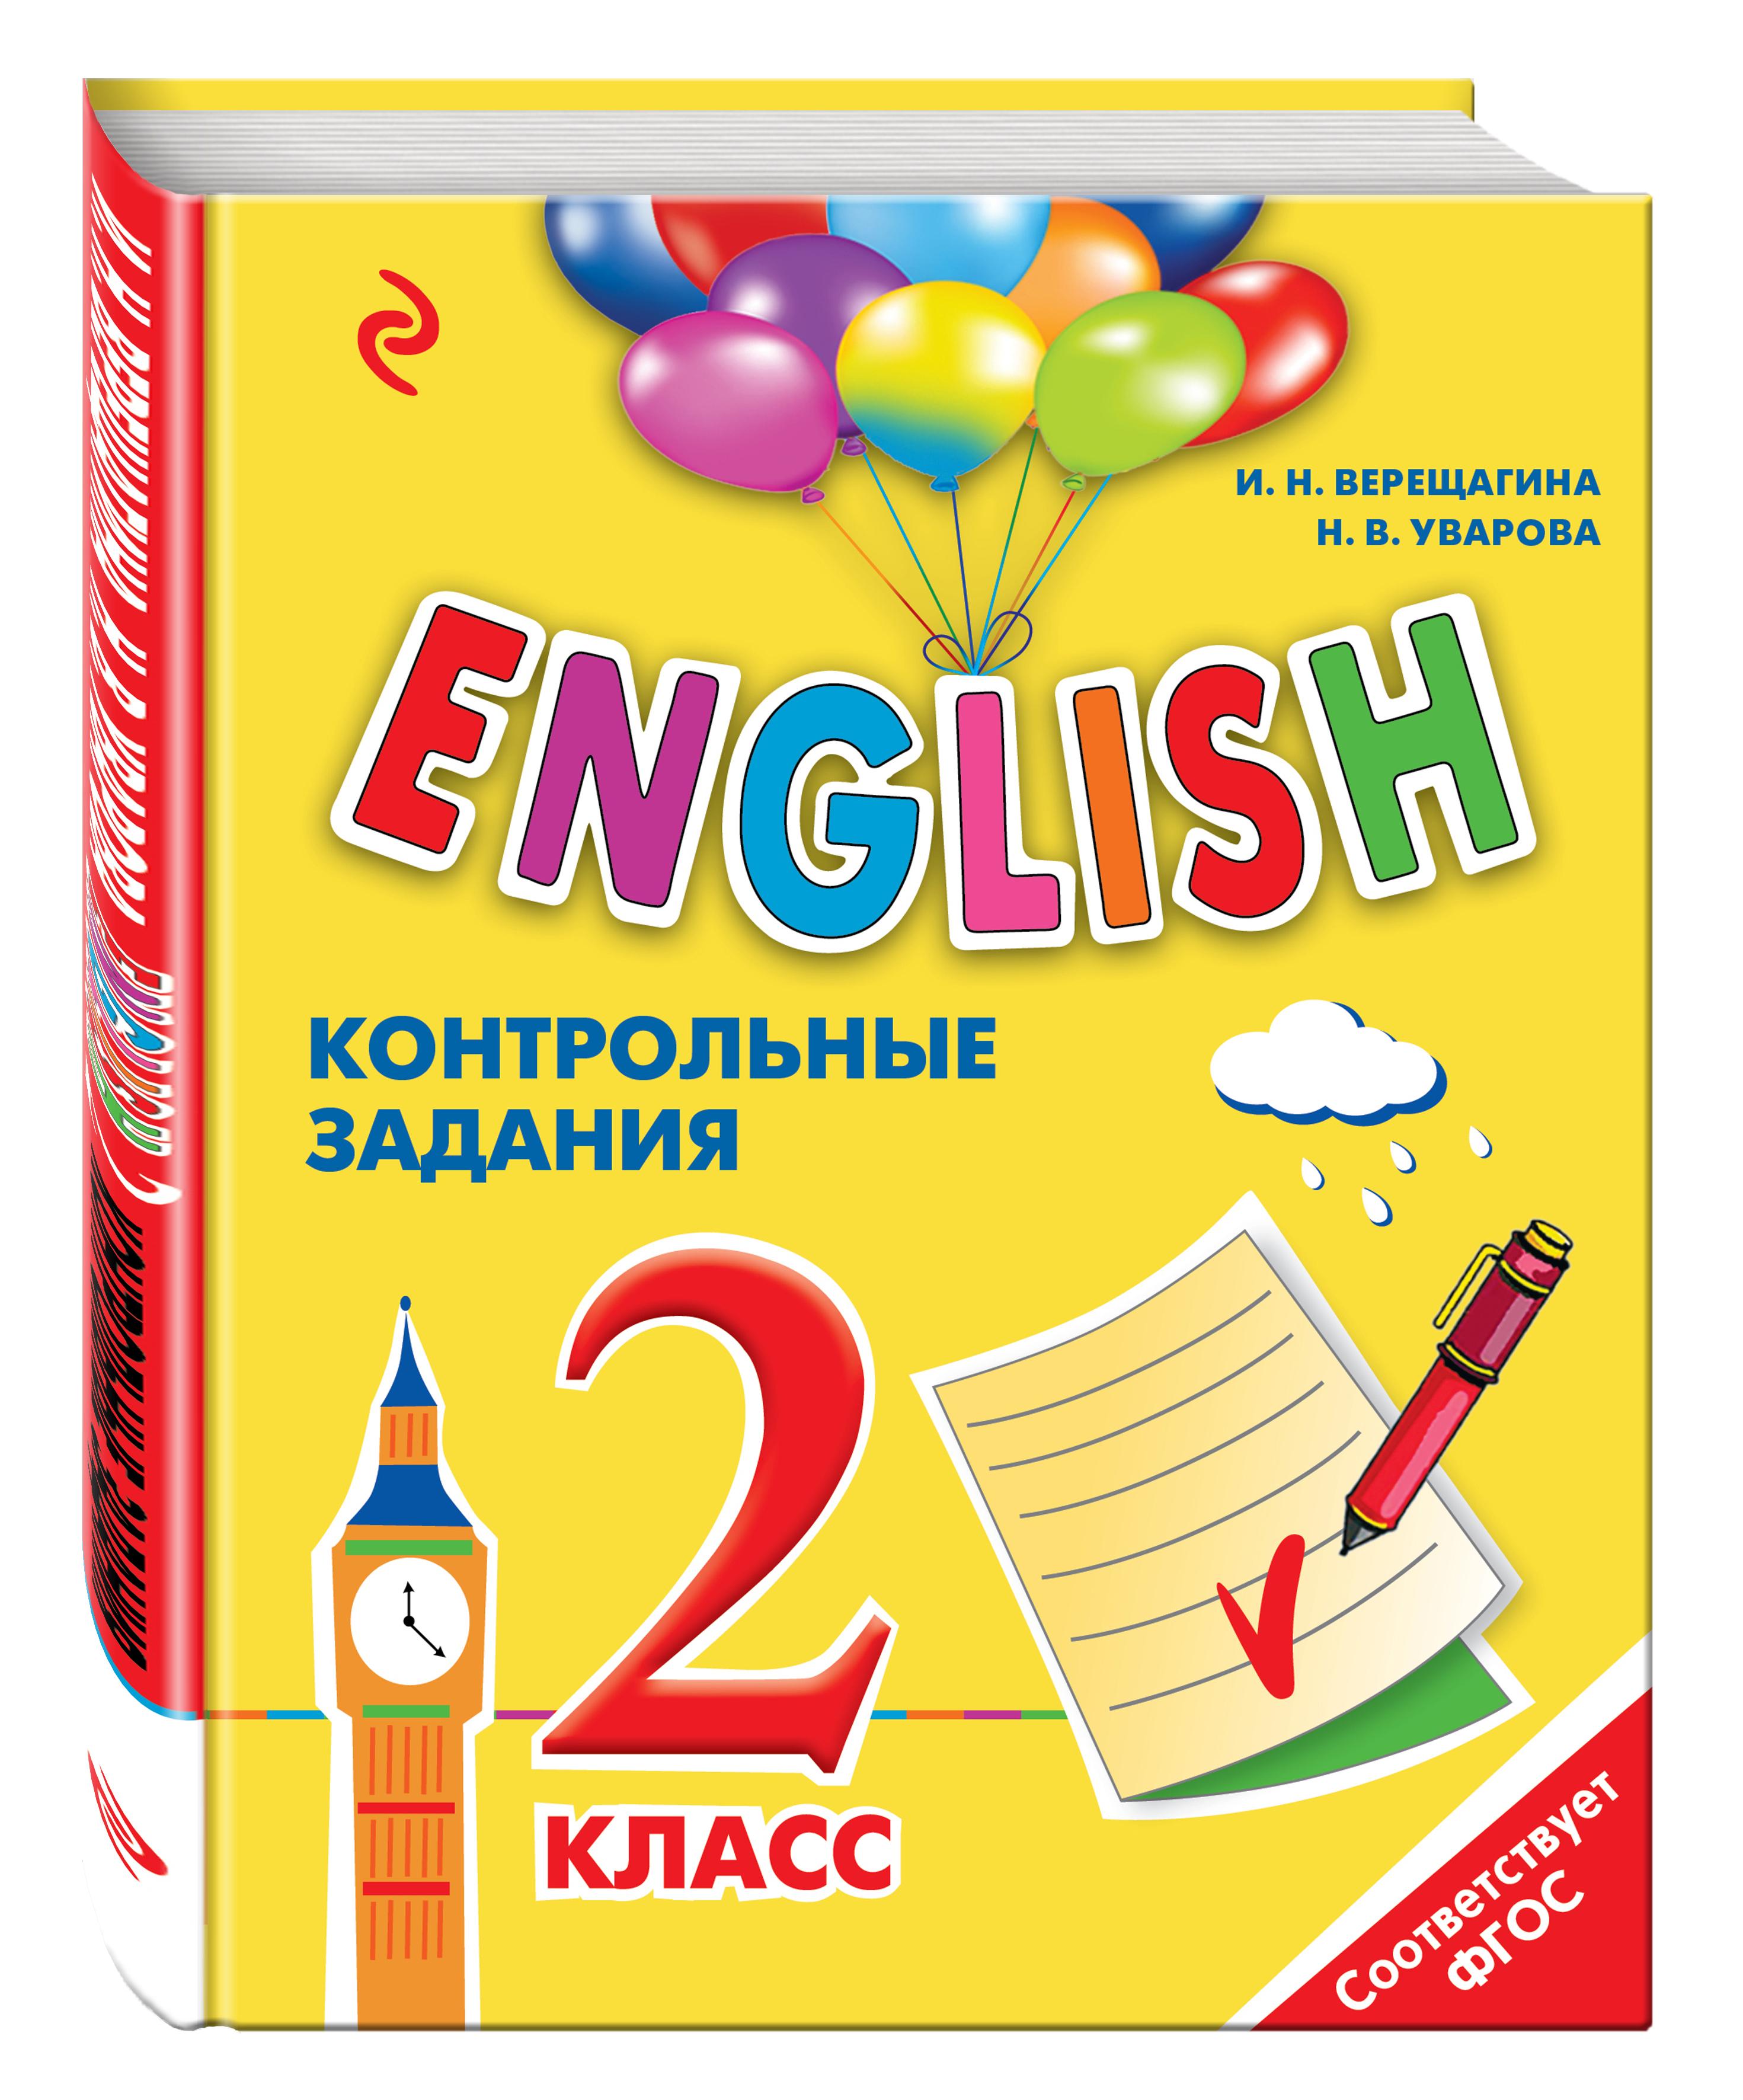 И.Н. Верещагина, Н.В. Уварова ENGLISH. 2 класс. Контрольные задания + компакт-диск MP3